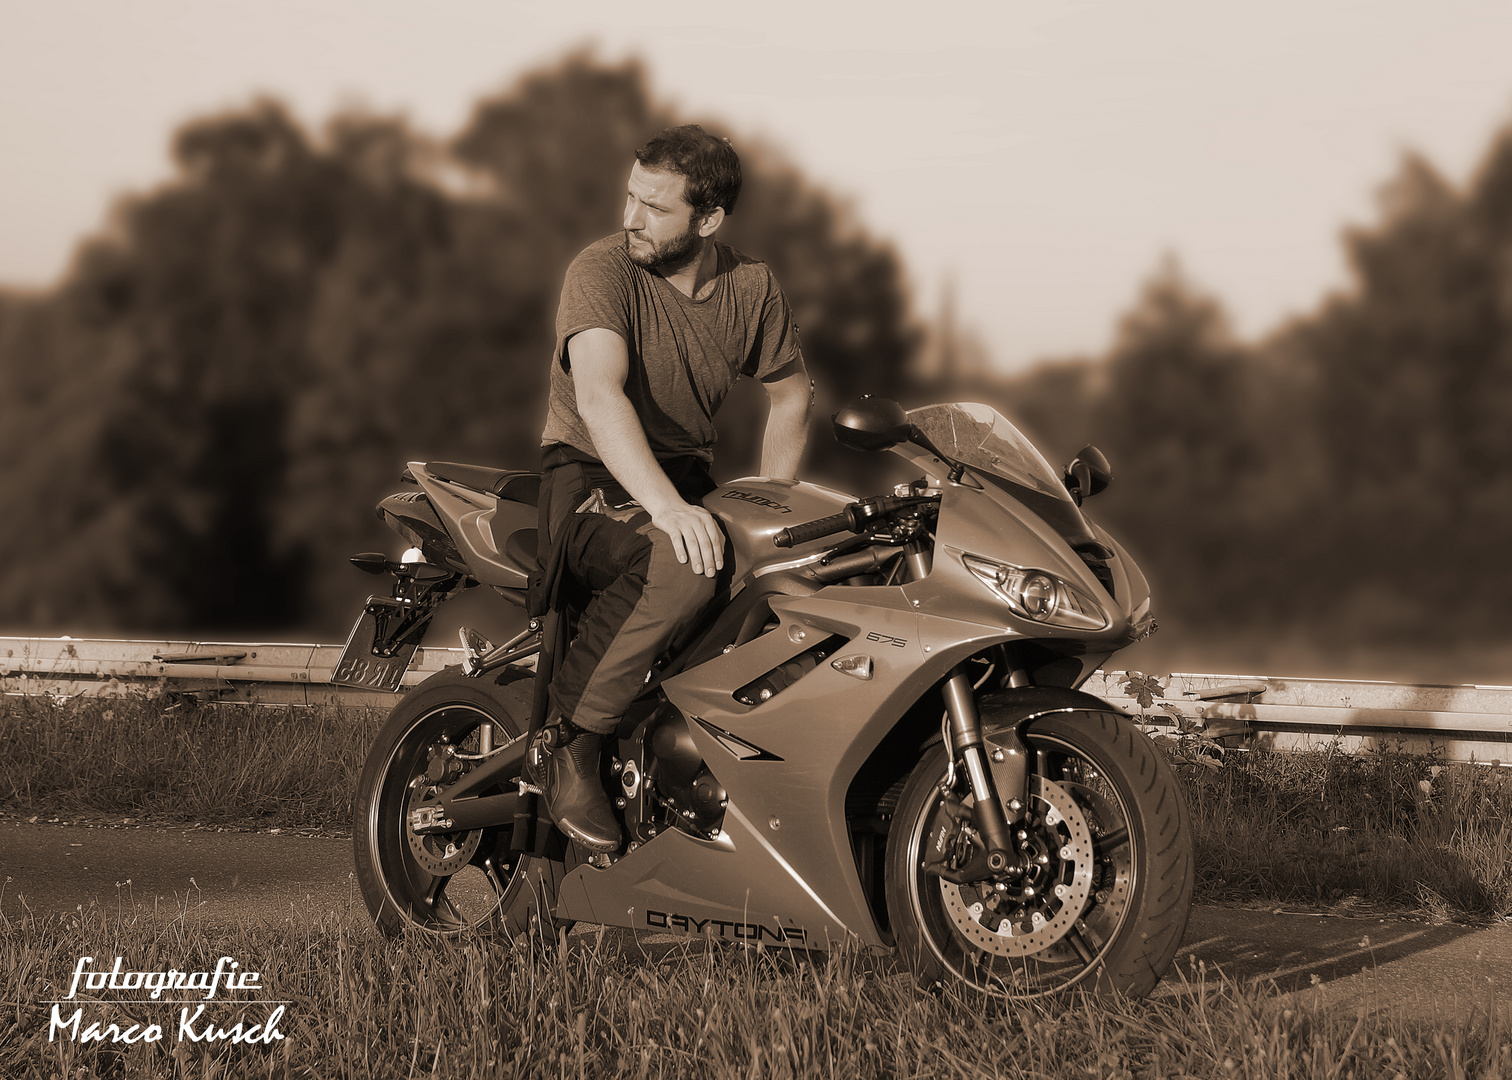 Sephia Rider